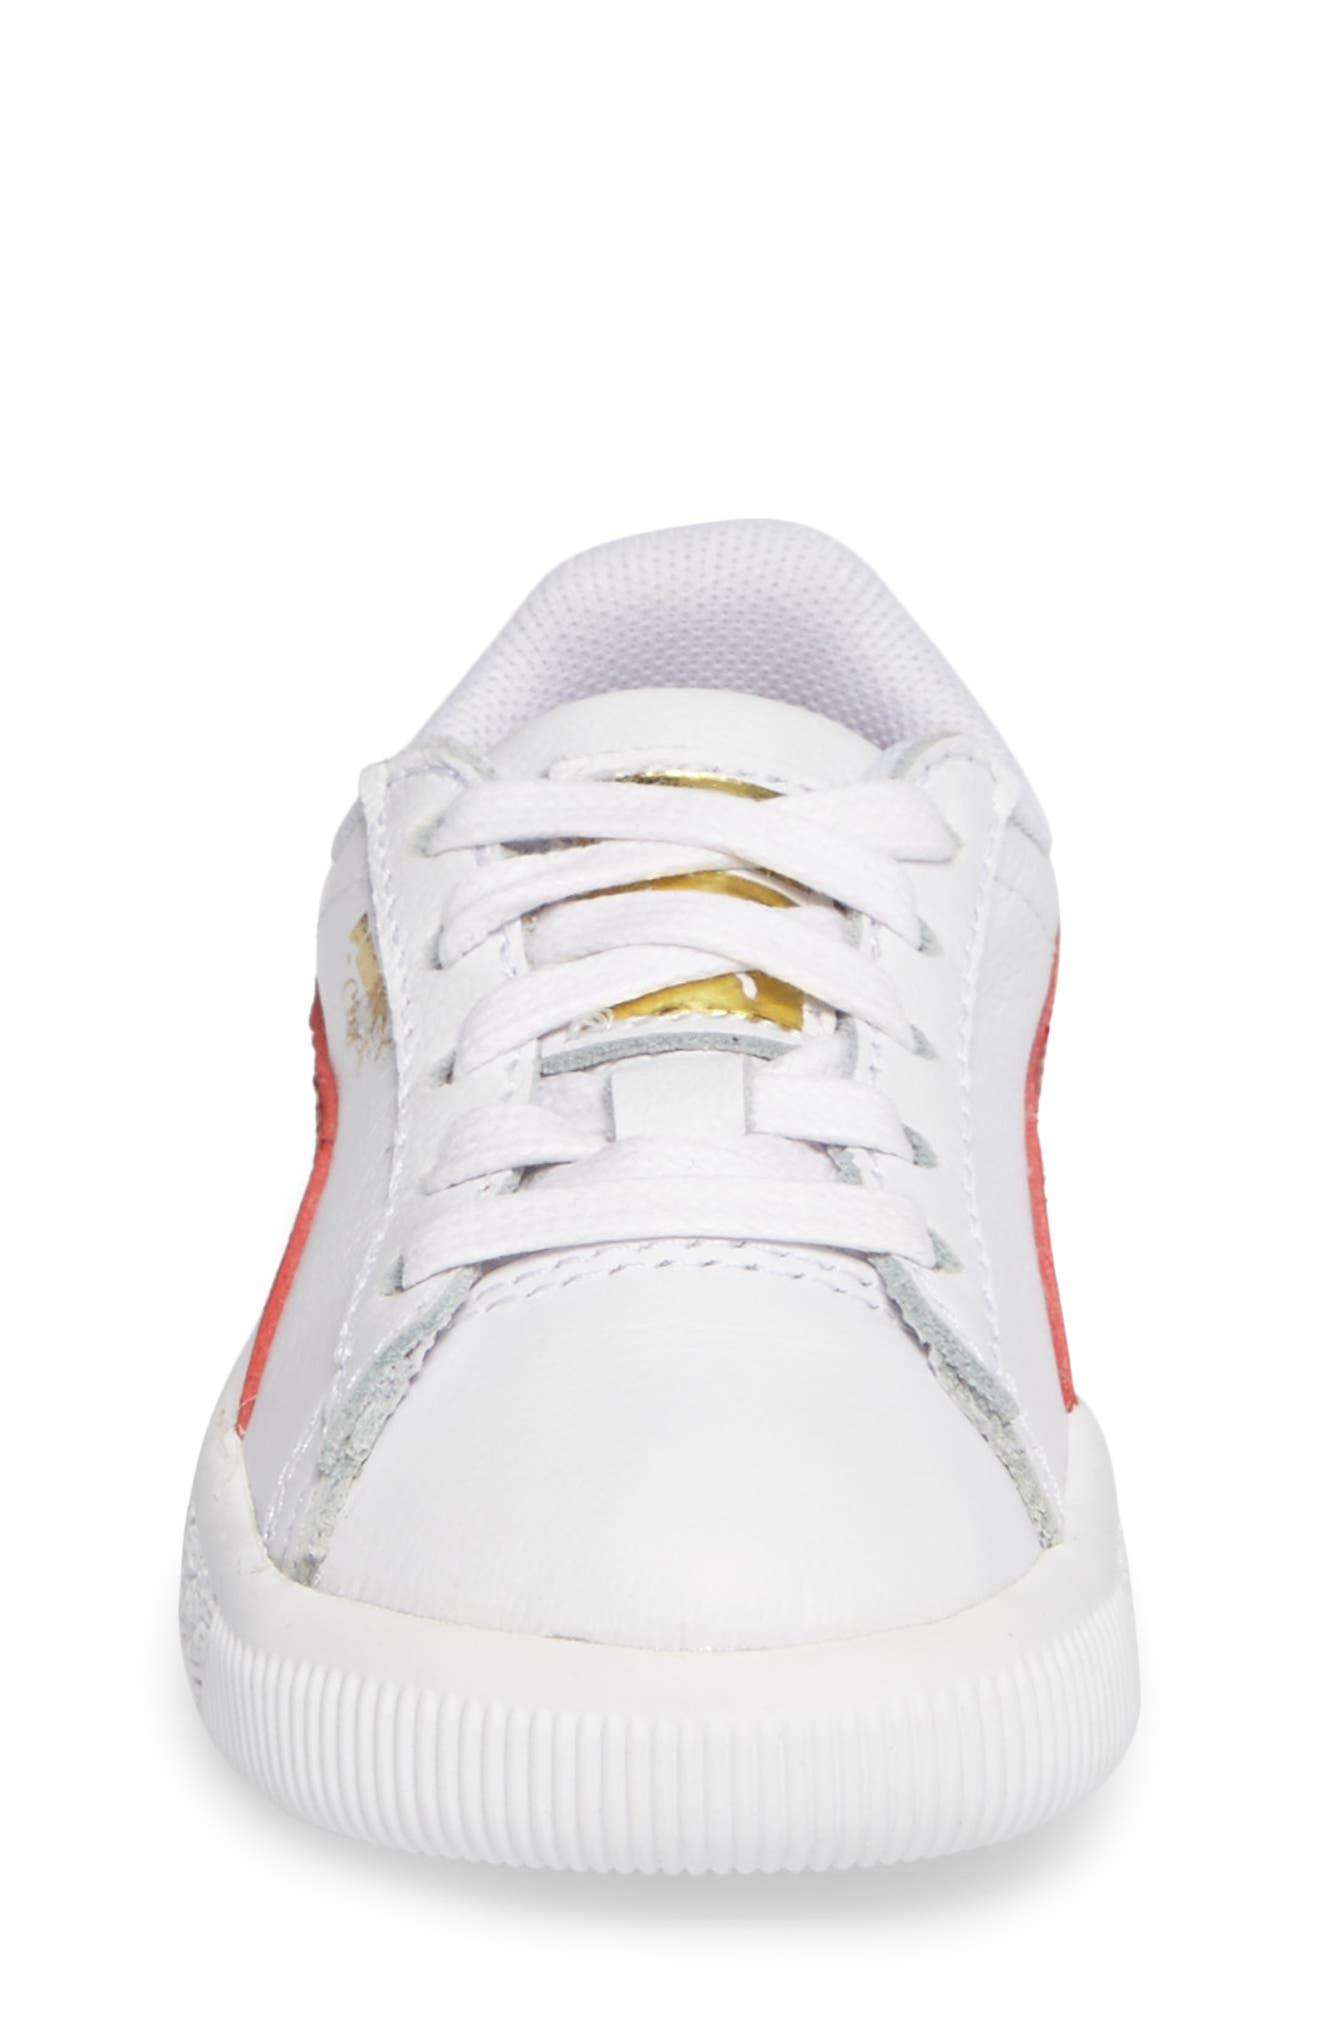 Clyde Core Foil Sneaker,                             Alternate thumbnail 24, color,